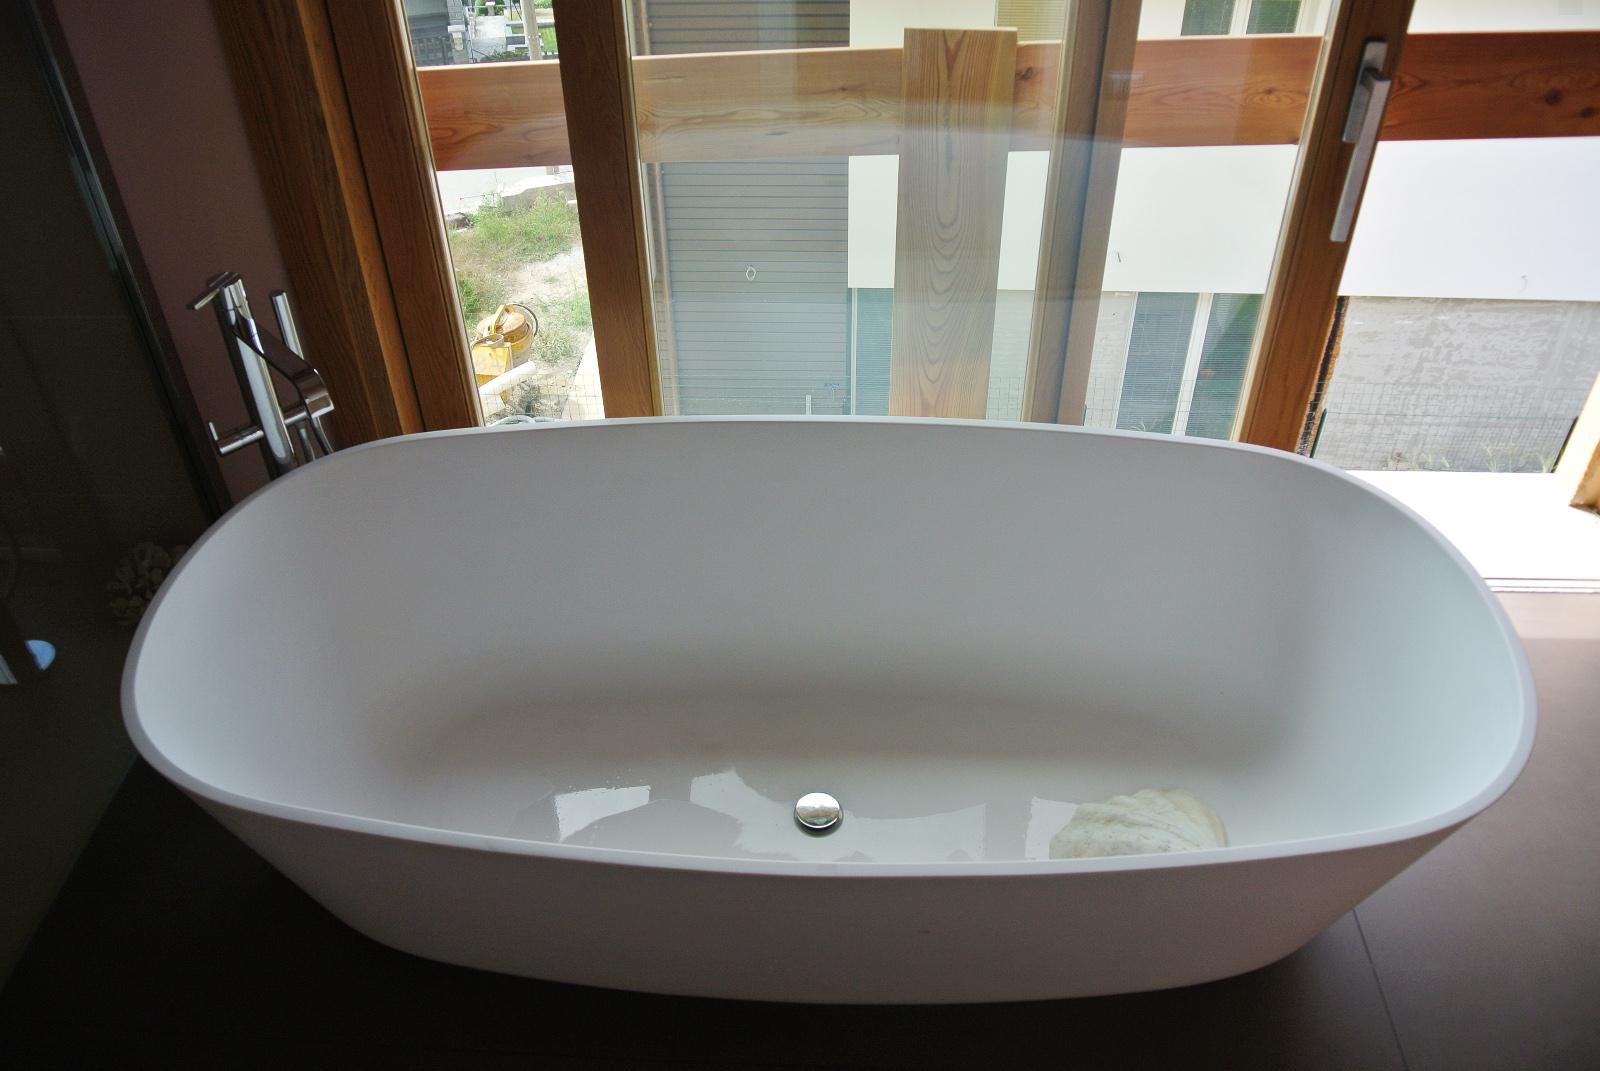 sintesibagno7biss-verbania-lago-maggiore-svizzera-arredobagno-canton-ticino-bagno-vasca-centro-stanza-lavabo-sfera-cx-catalano